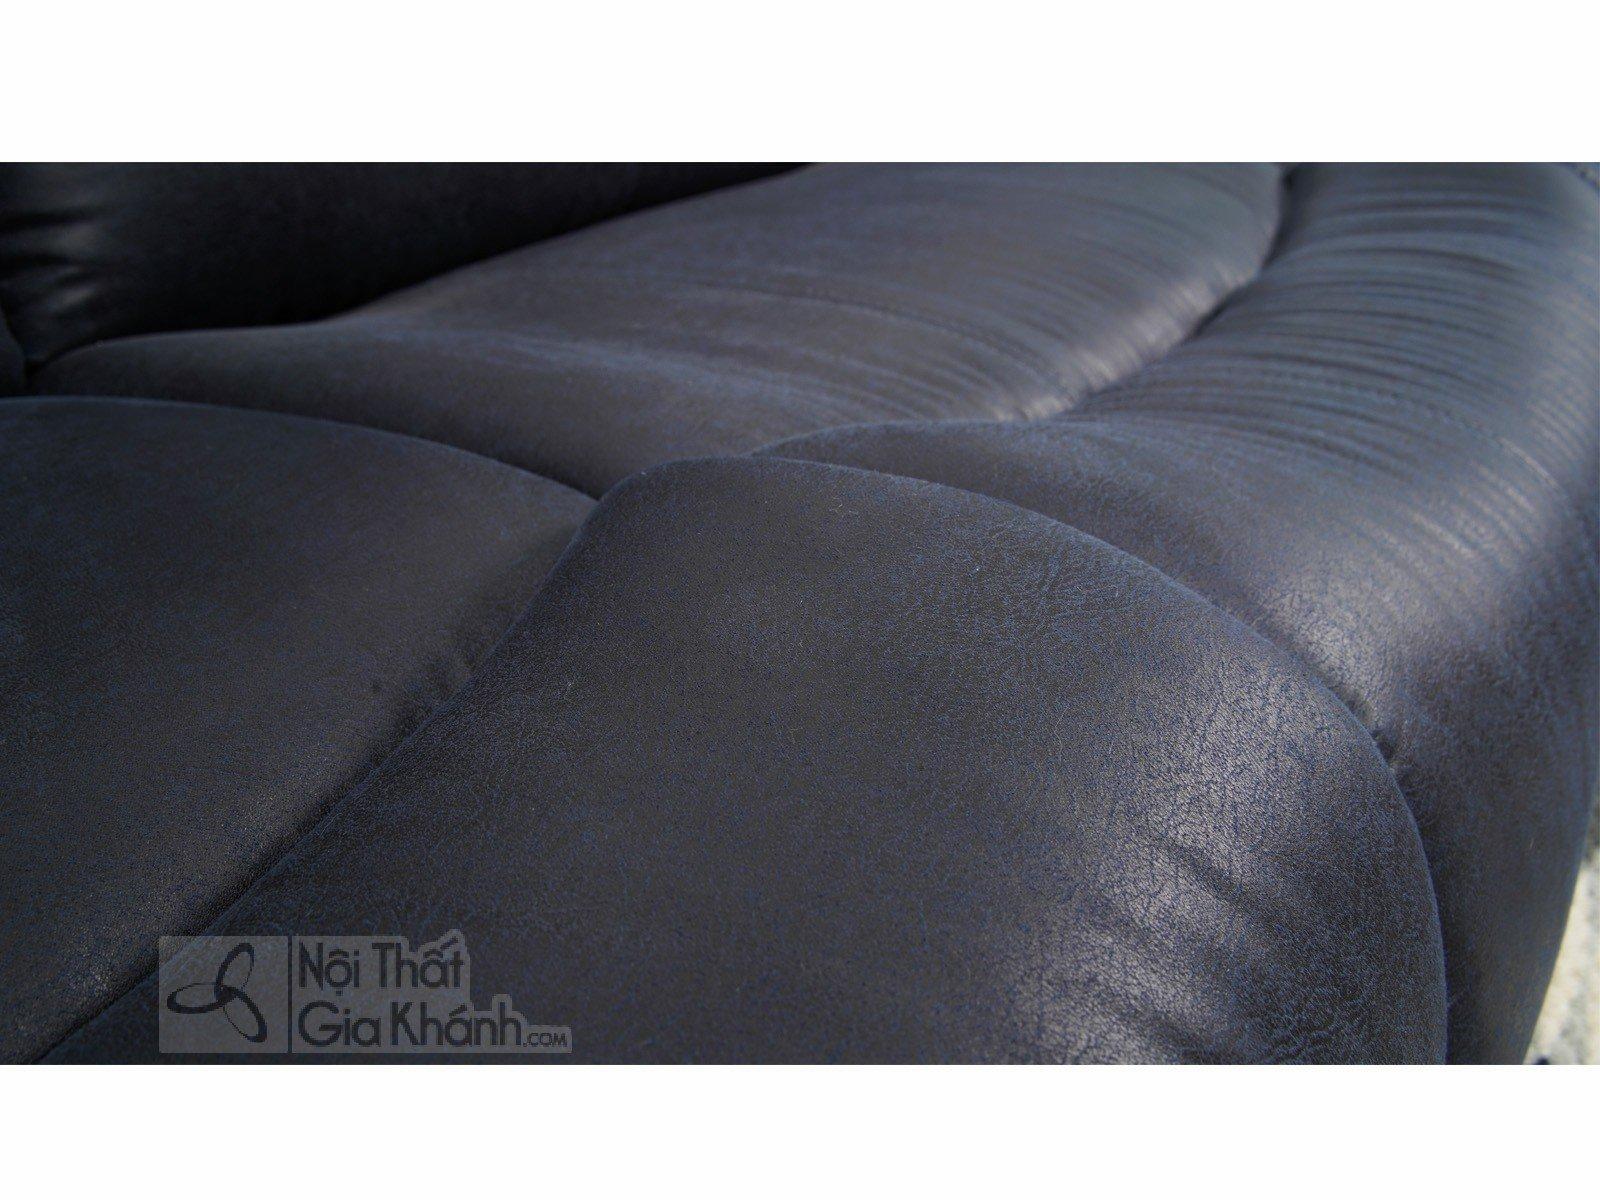 SOFA 3 BĂNG GÓC TRÁI NỈ NANO CÓ GHẾ NÂNG THƯ GIÃN MR843SF - sofa hien dai MR843SF 3200x1800x1000 6